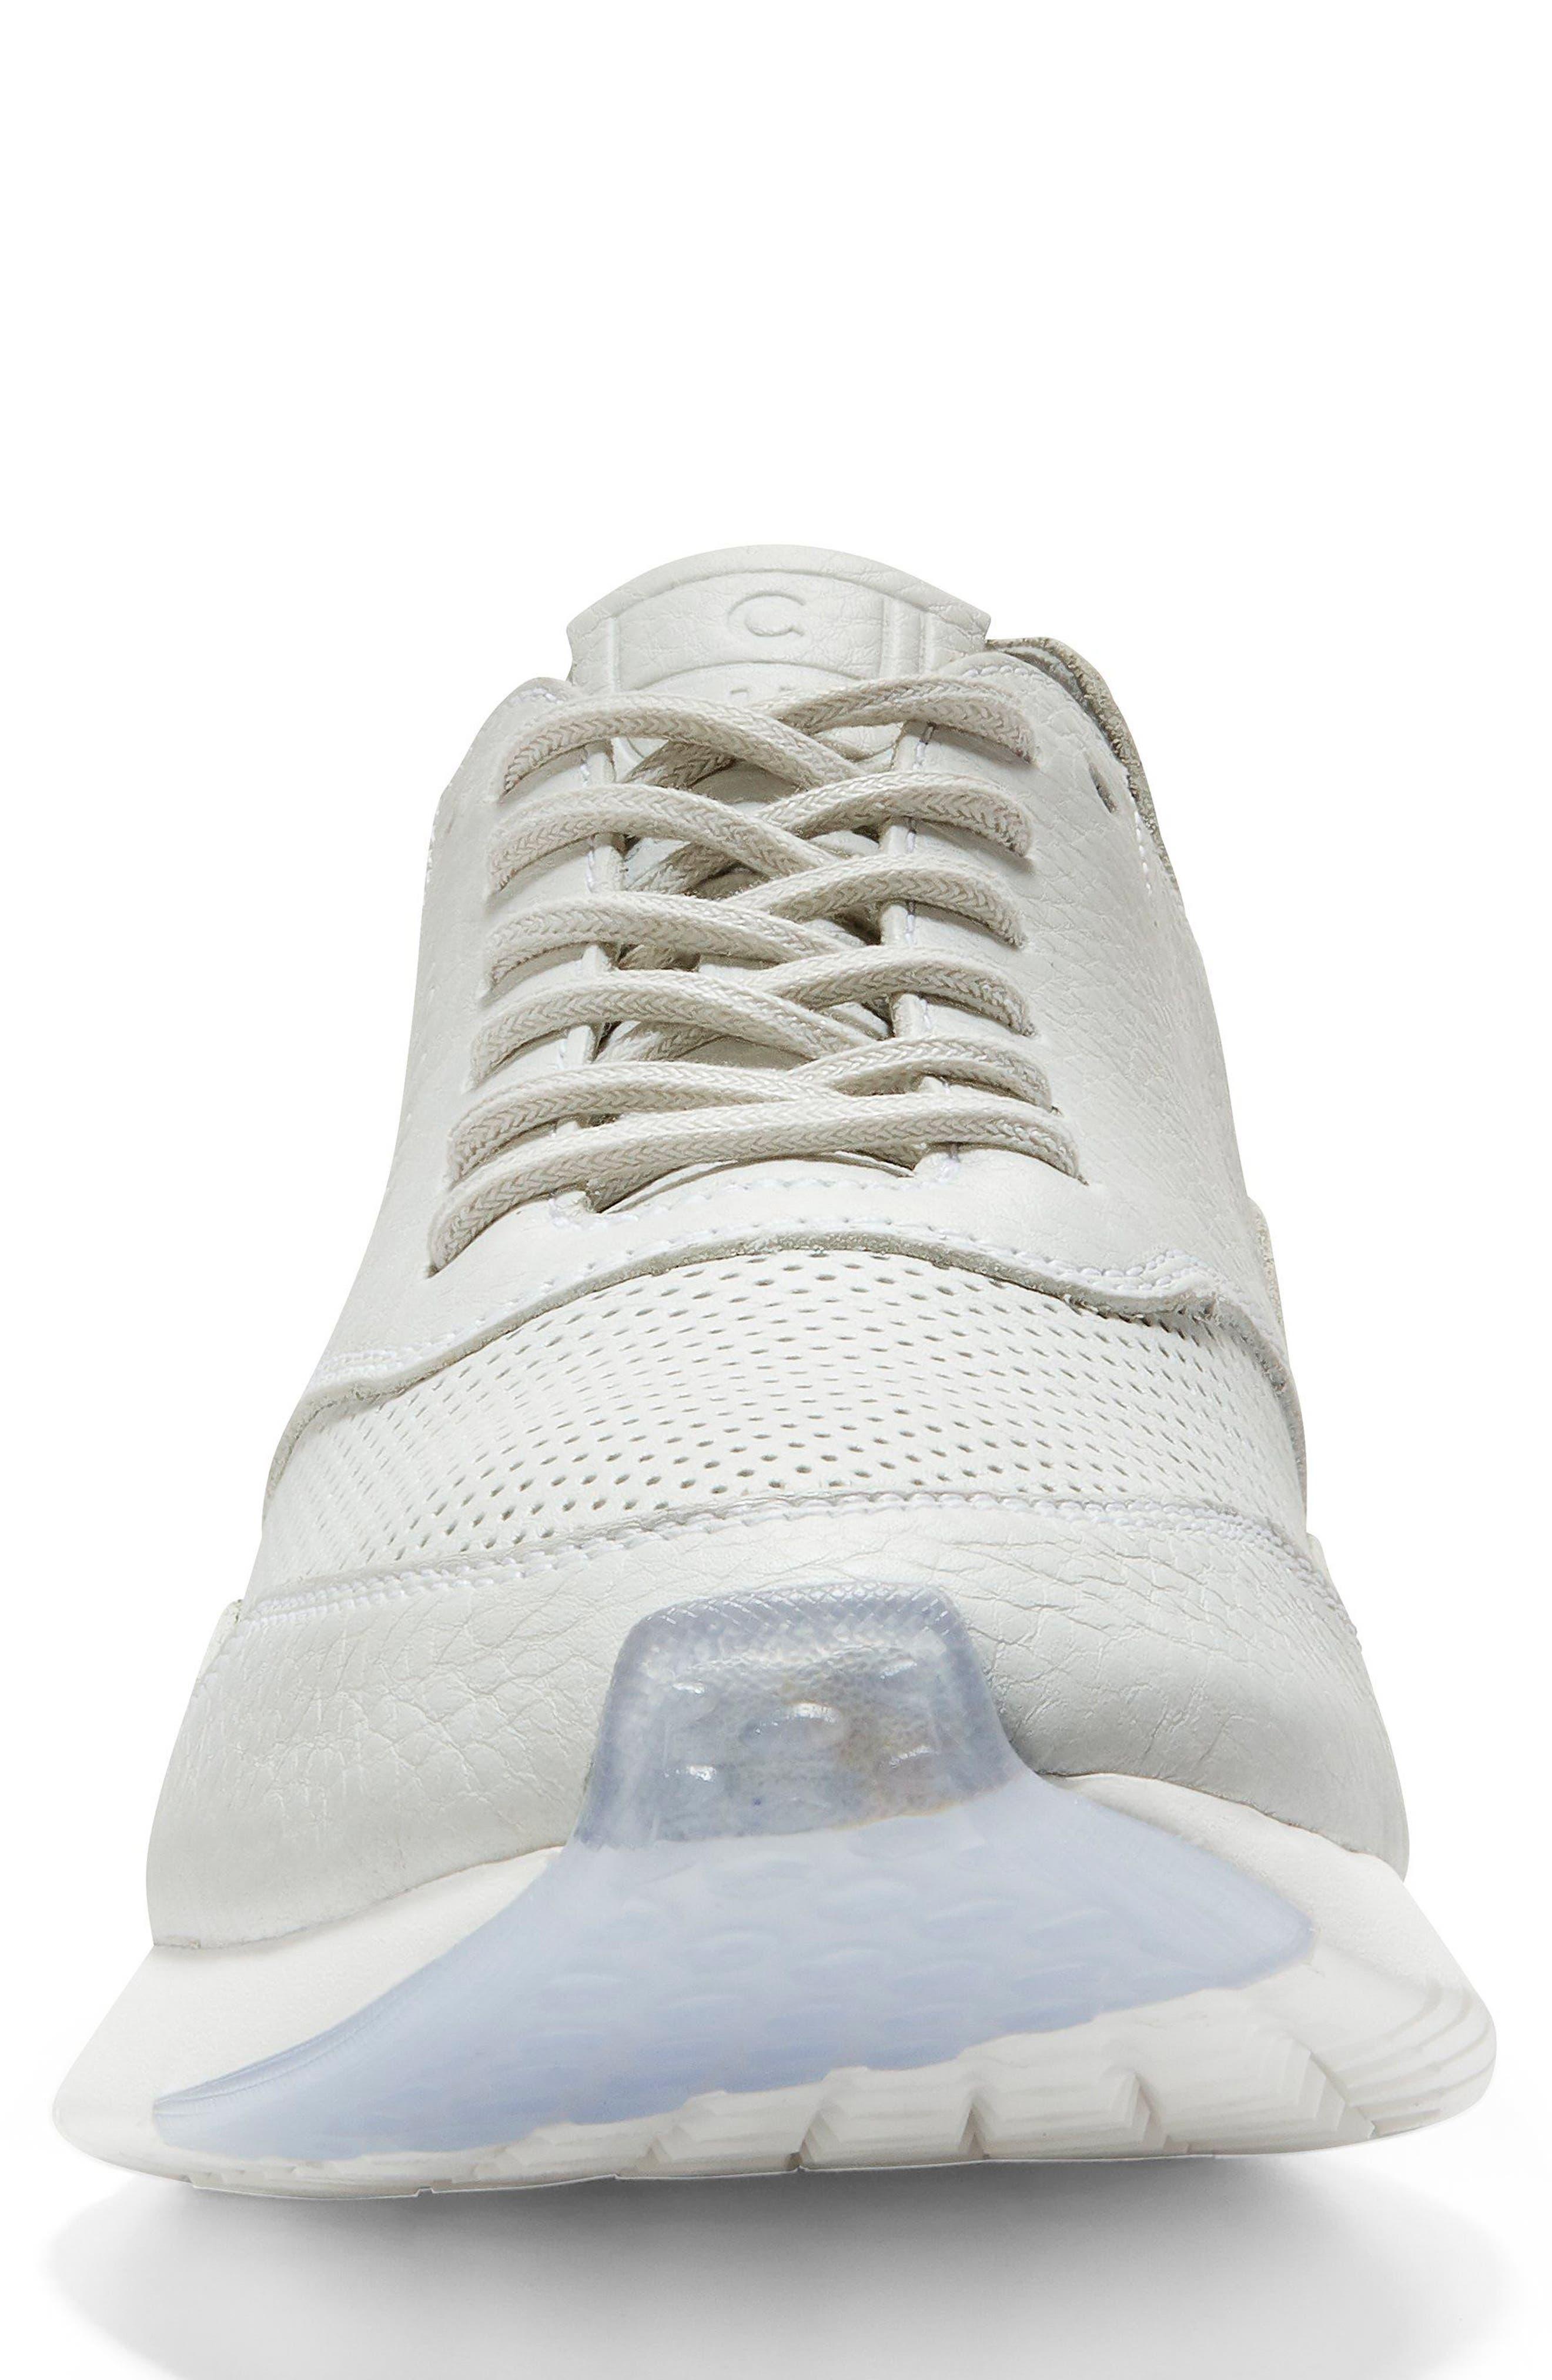 GrandPrø Deconstructed Running Sneaker,                             Alternate thumbnail 4, color,                             White Leather